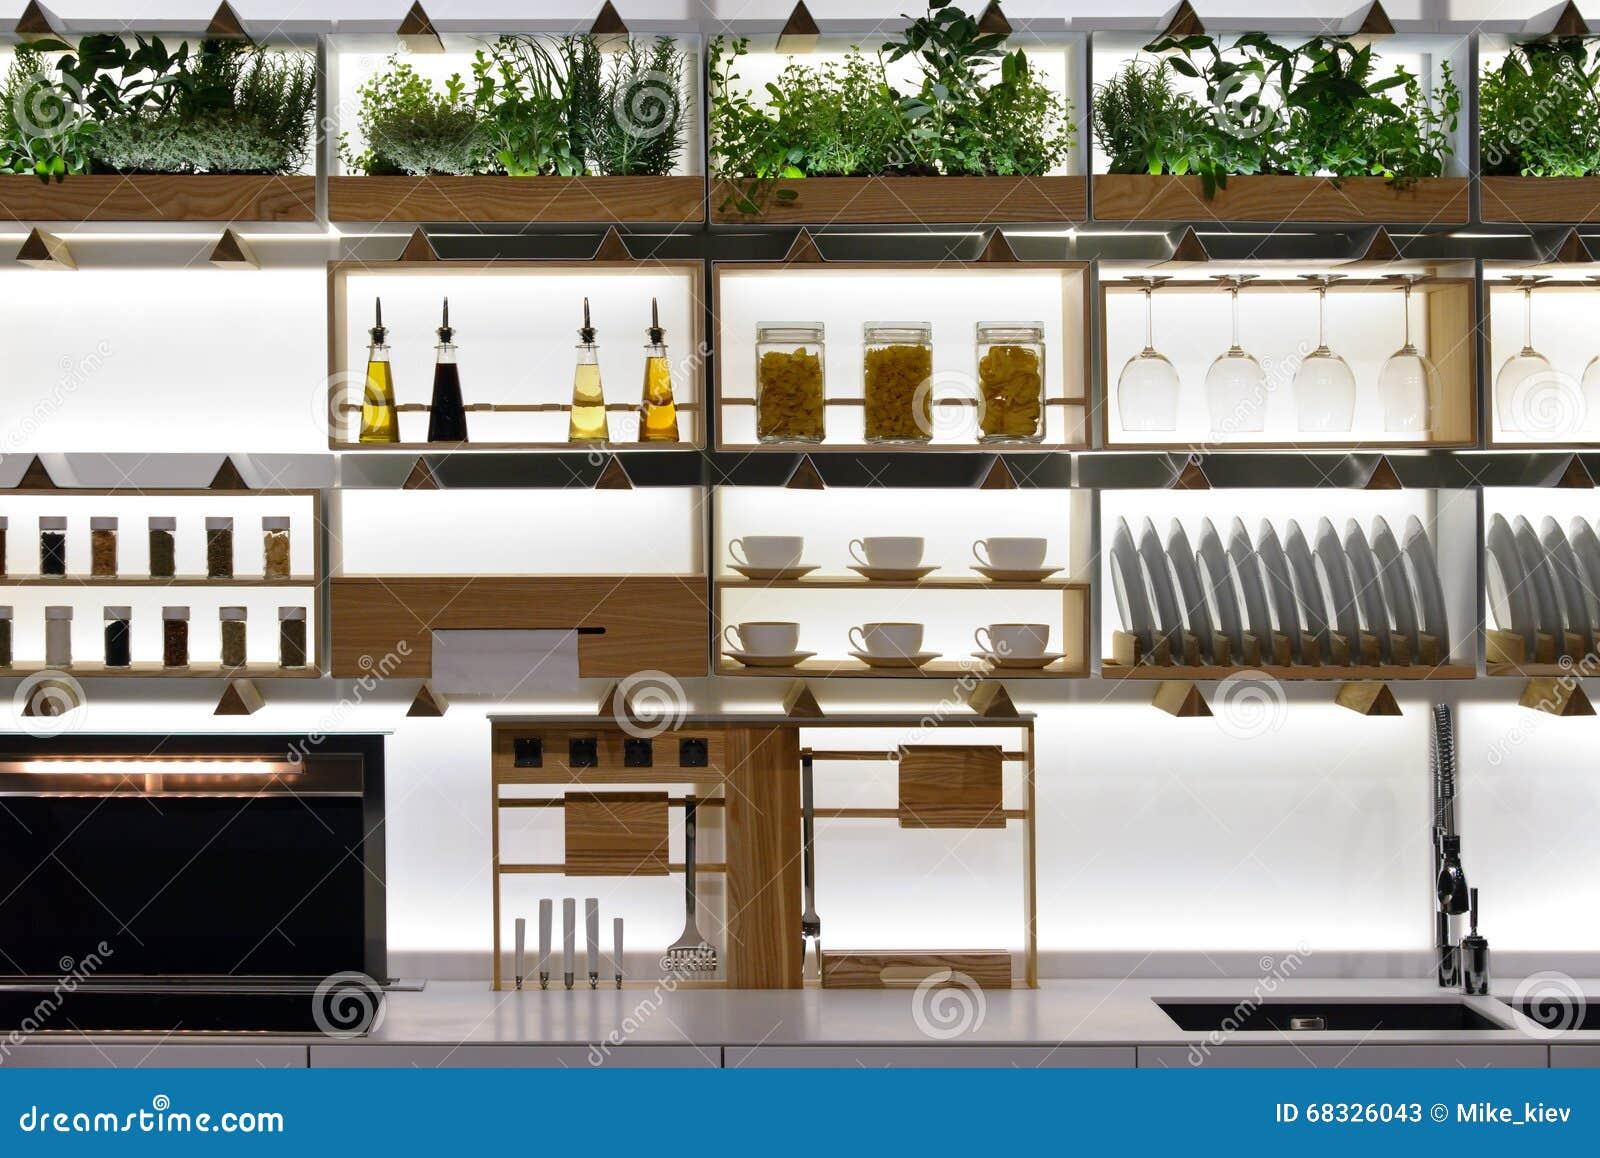 Küchenregale stockbild. Bild von erneuerung, niemand - 68326043